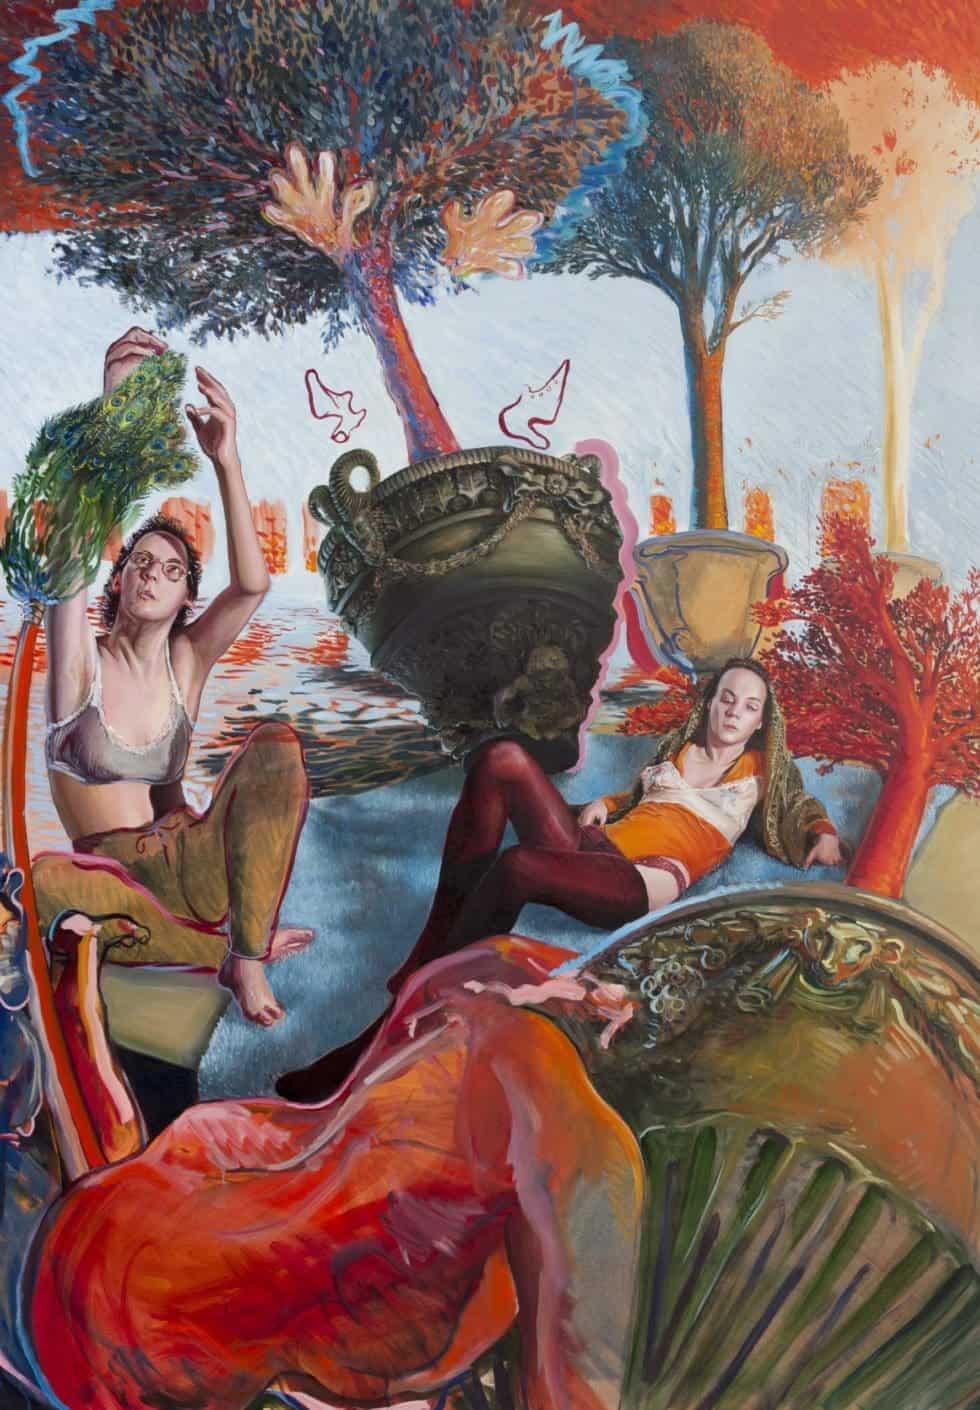 Enzo Certa - Forçar o vício Artes & contextos Suzanne et les vioques – huile sur toile – 2018 – 114 x 163 cm